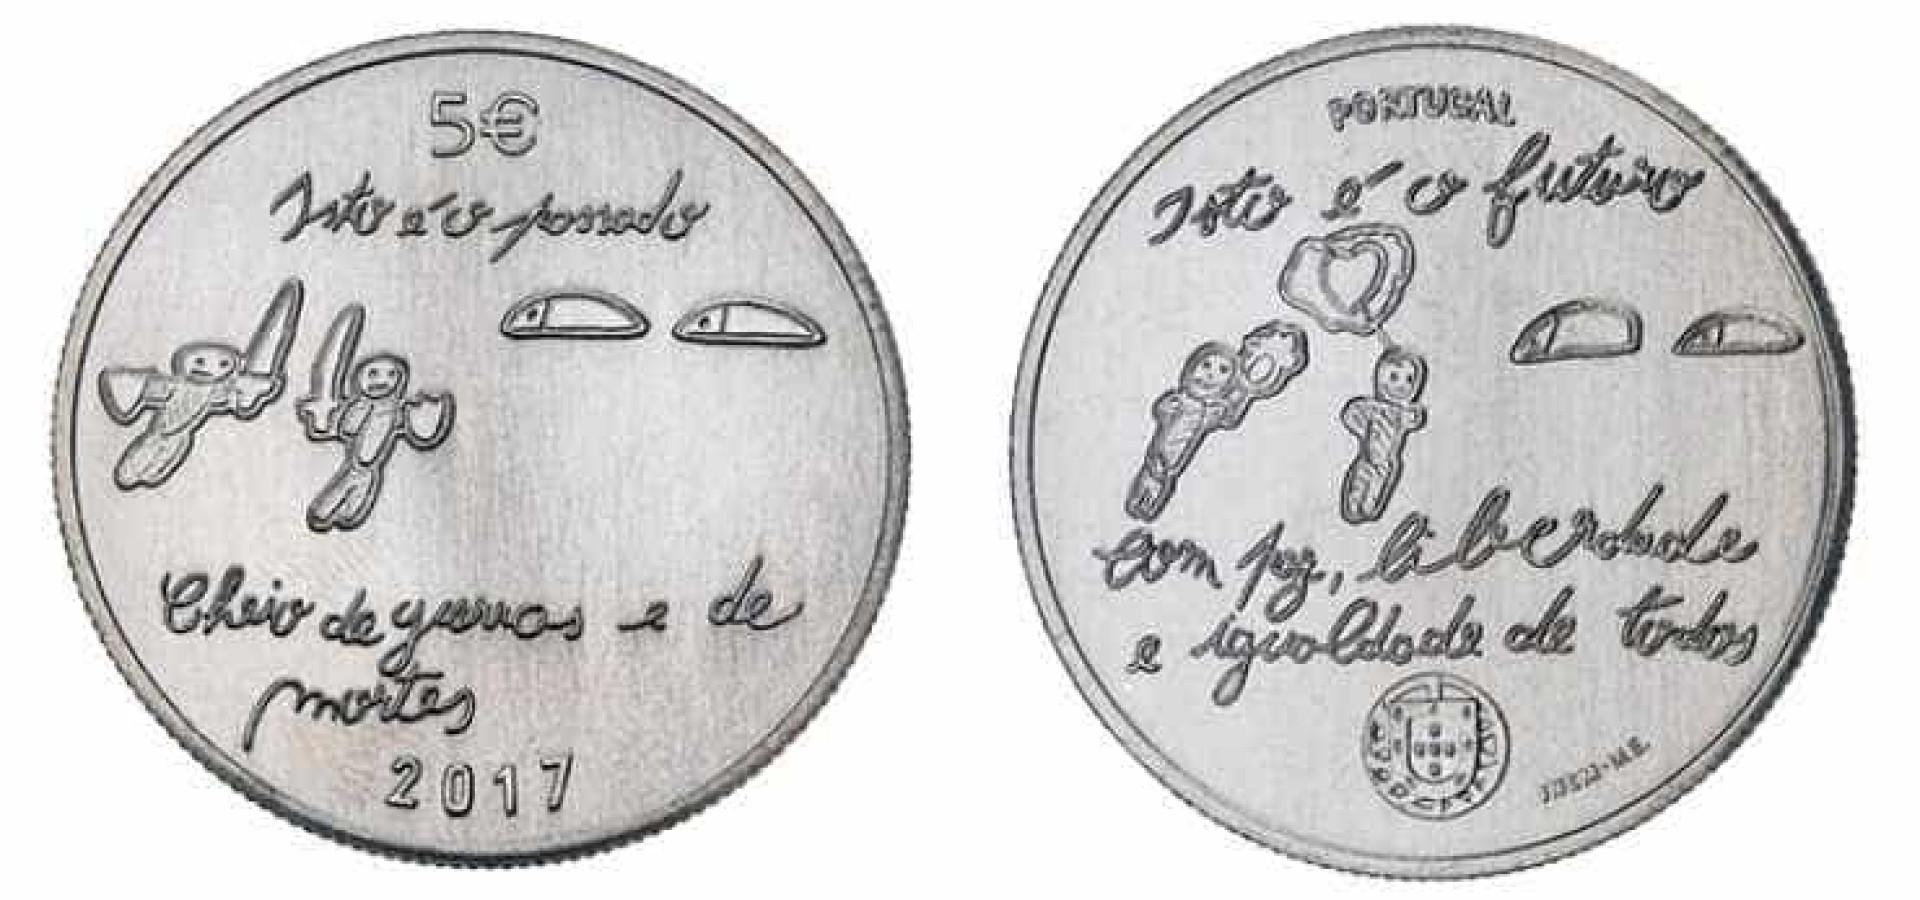 Banco de Portugal celebra futuro com moeda desenhada por crianças